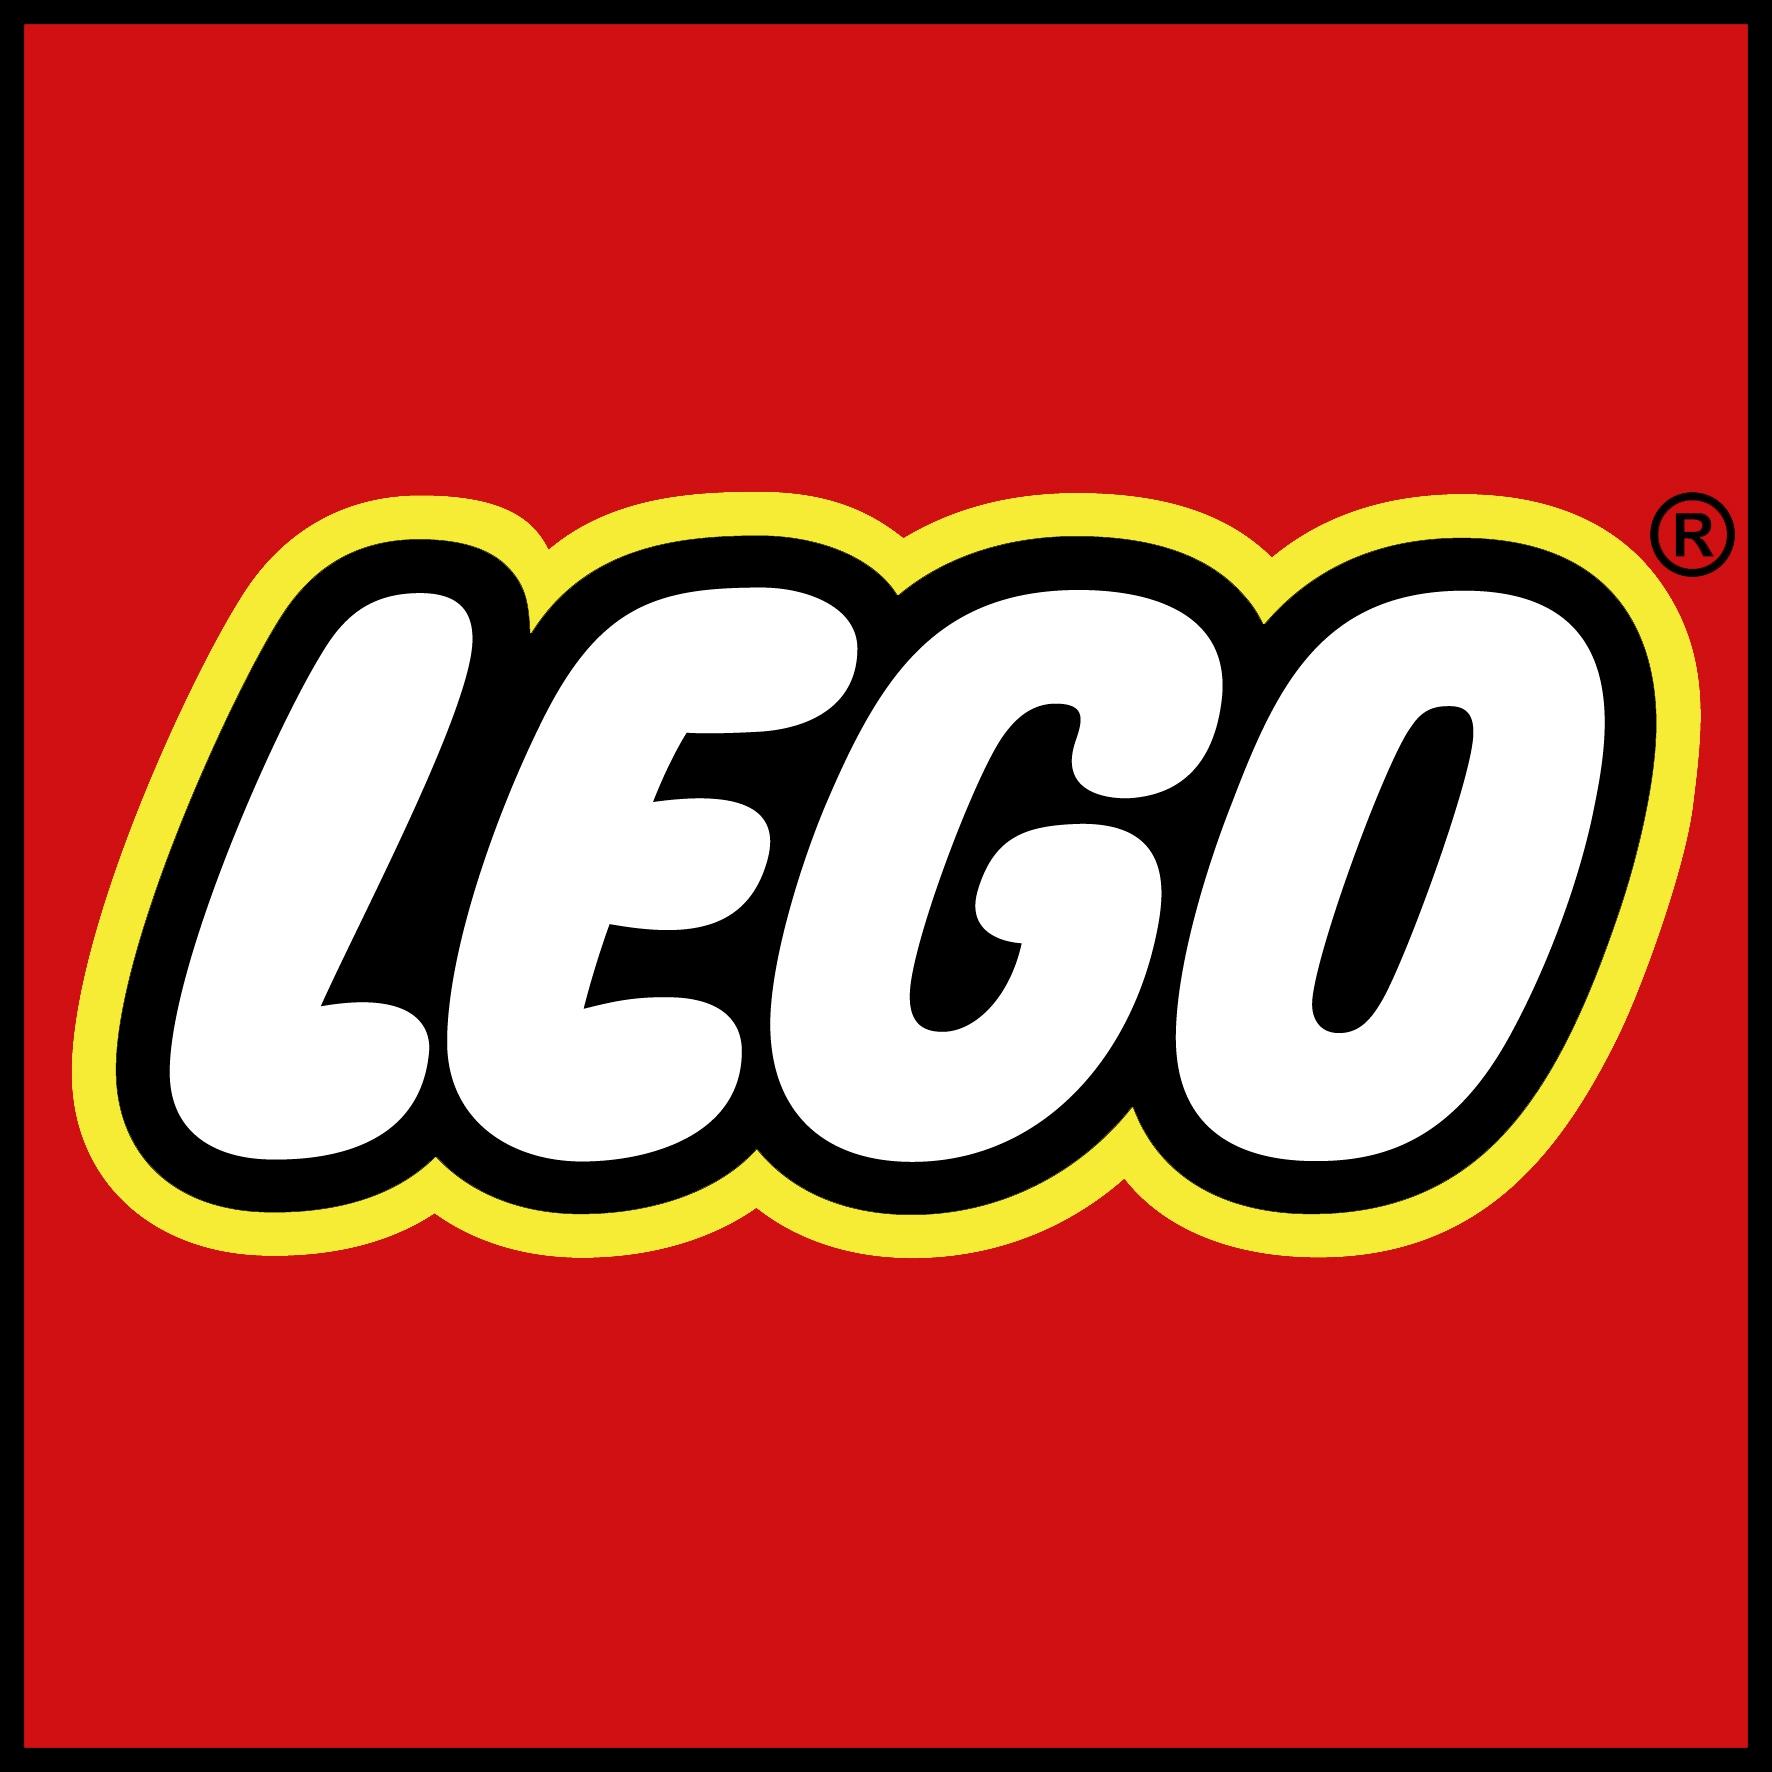 Výrobce stavebnic a hraček s motivem LEGO, pro více produktů a informací o této značce klikněte zde.